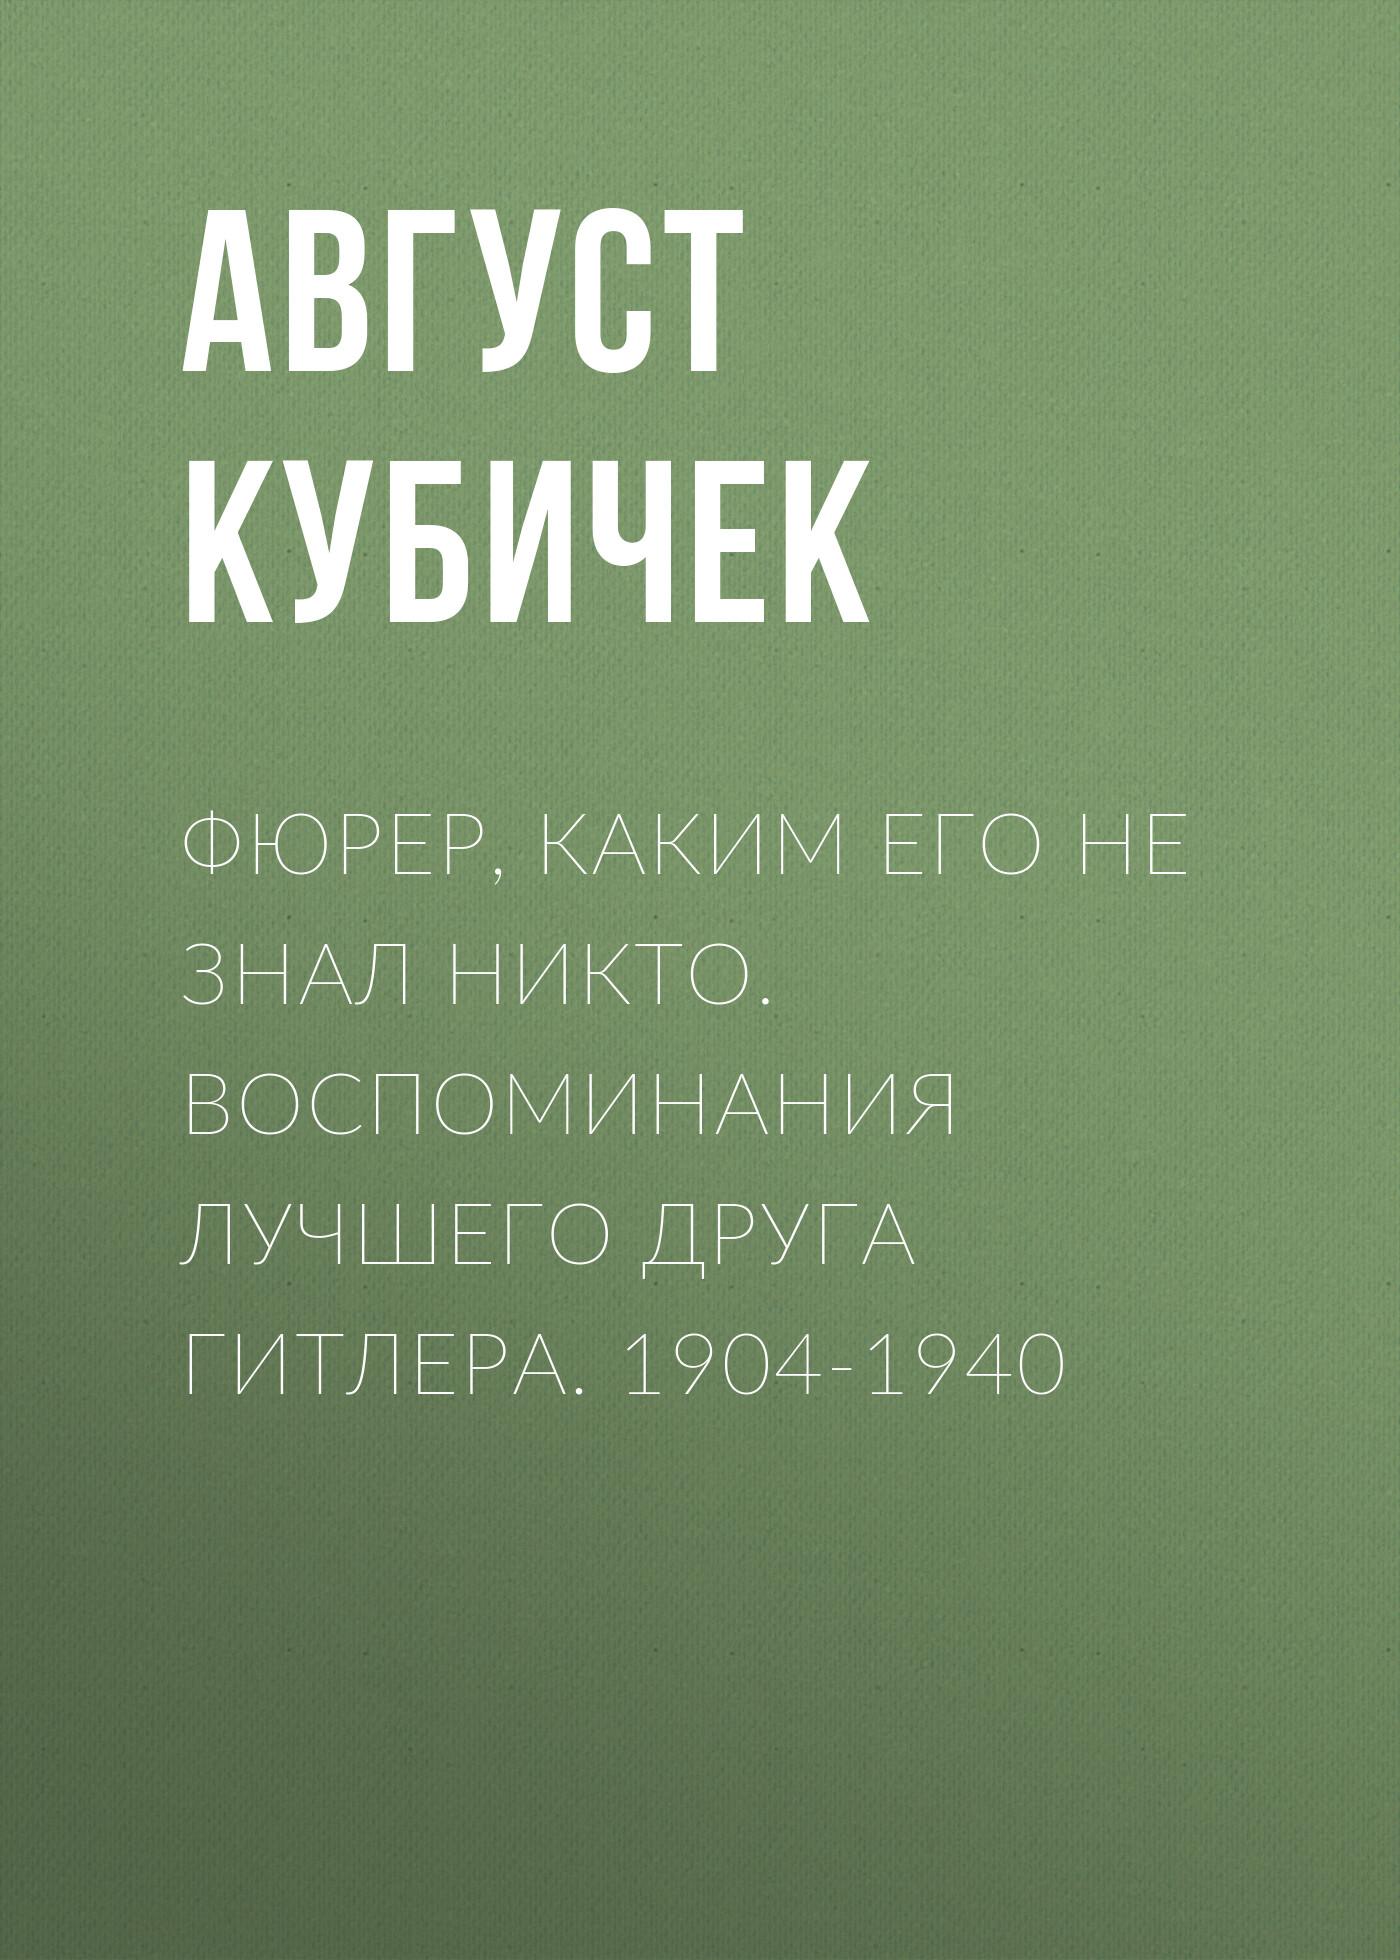 Август Кубичек Фюрер, каким его не знал никто. Воспоминания лучшего друга Гитлера. 1904-1940 конец германии гитлера агония и гибель